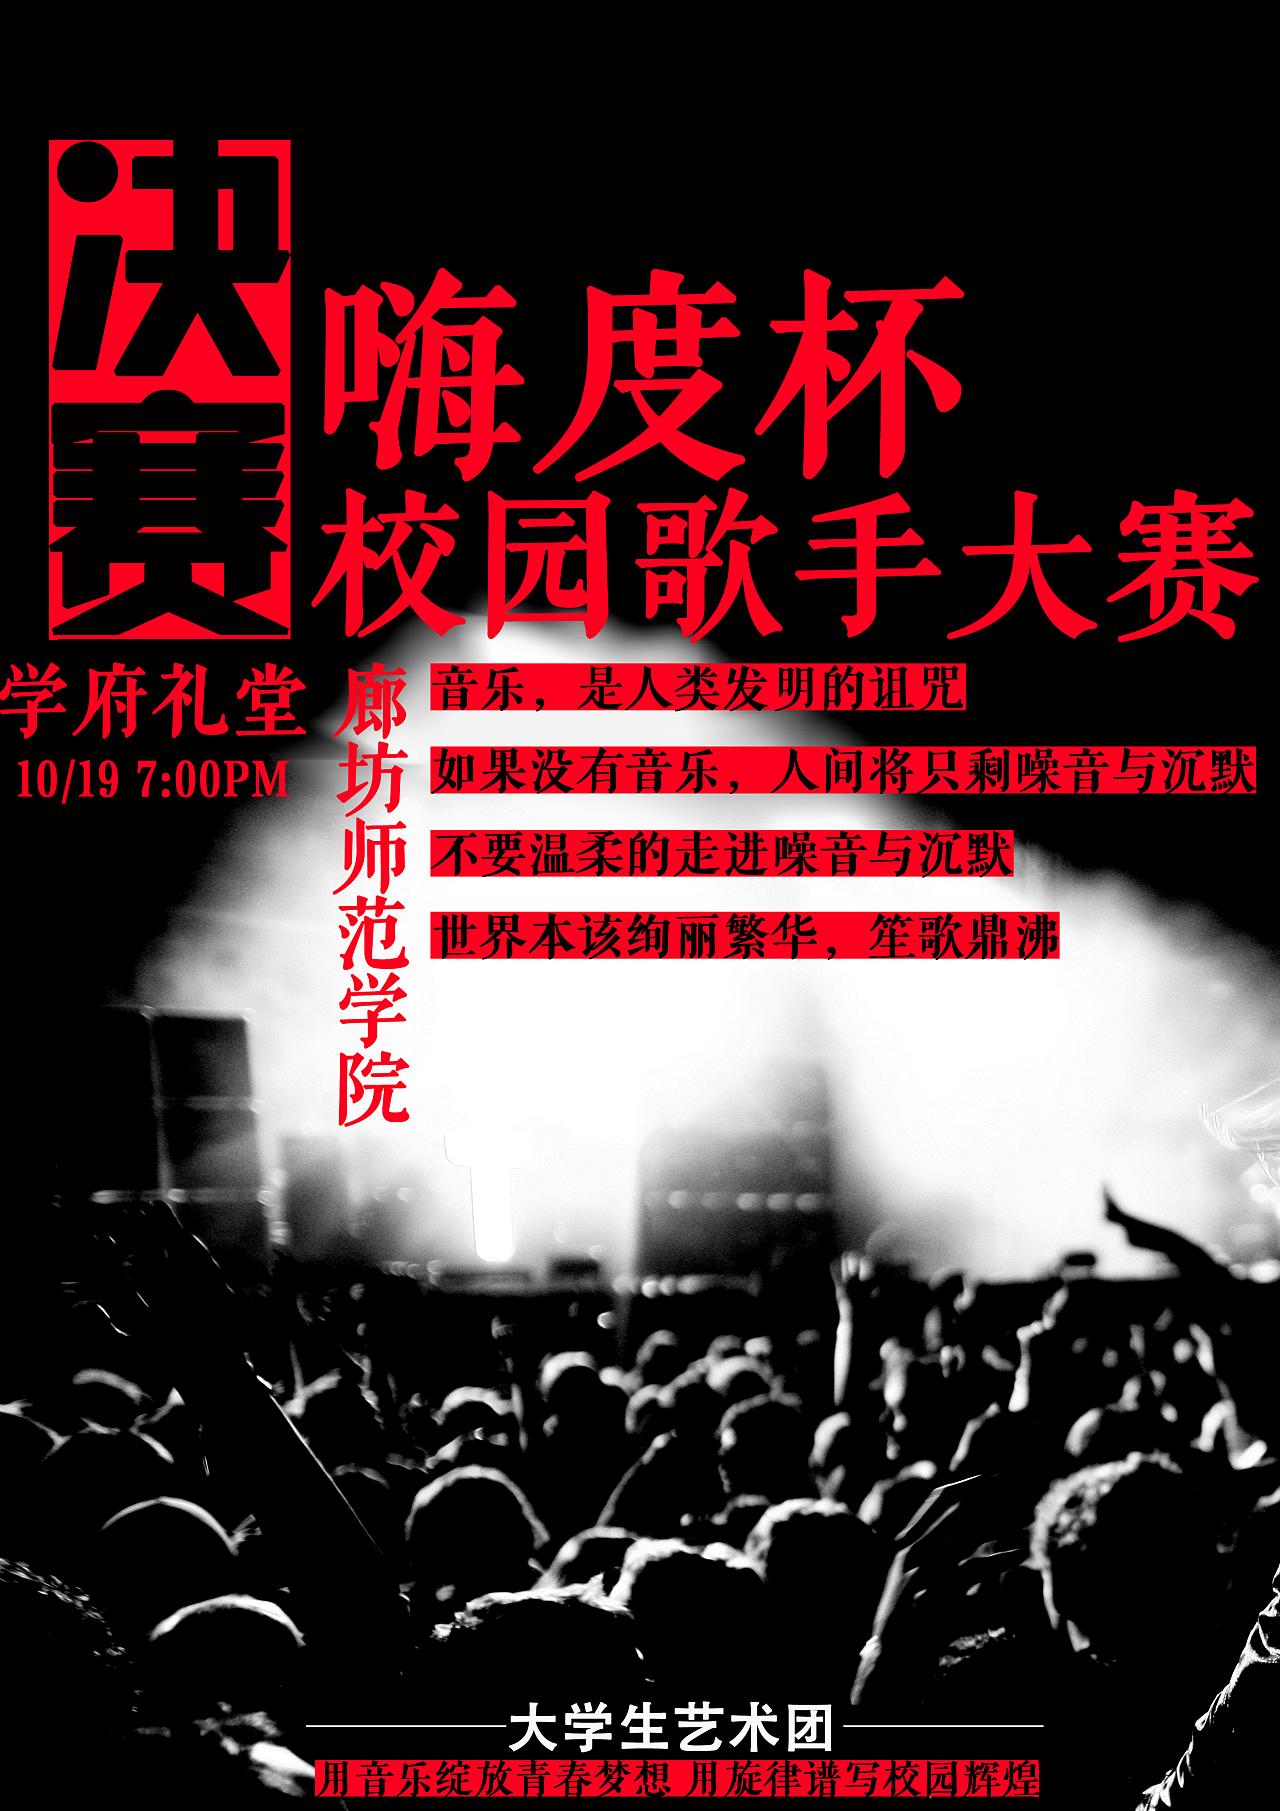 歌手大赛海报图片-歌手大赛海报设计素材-千库网